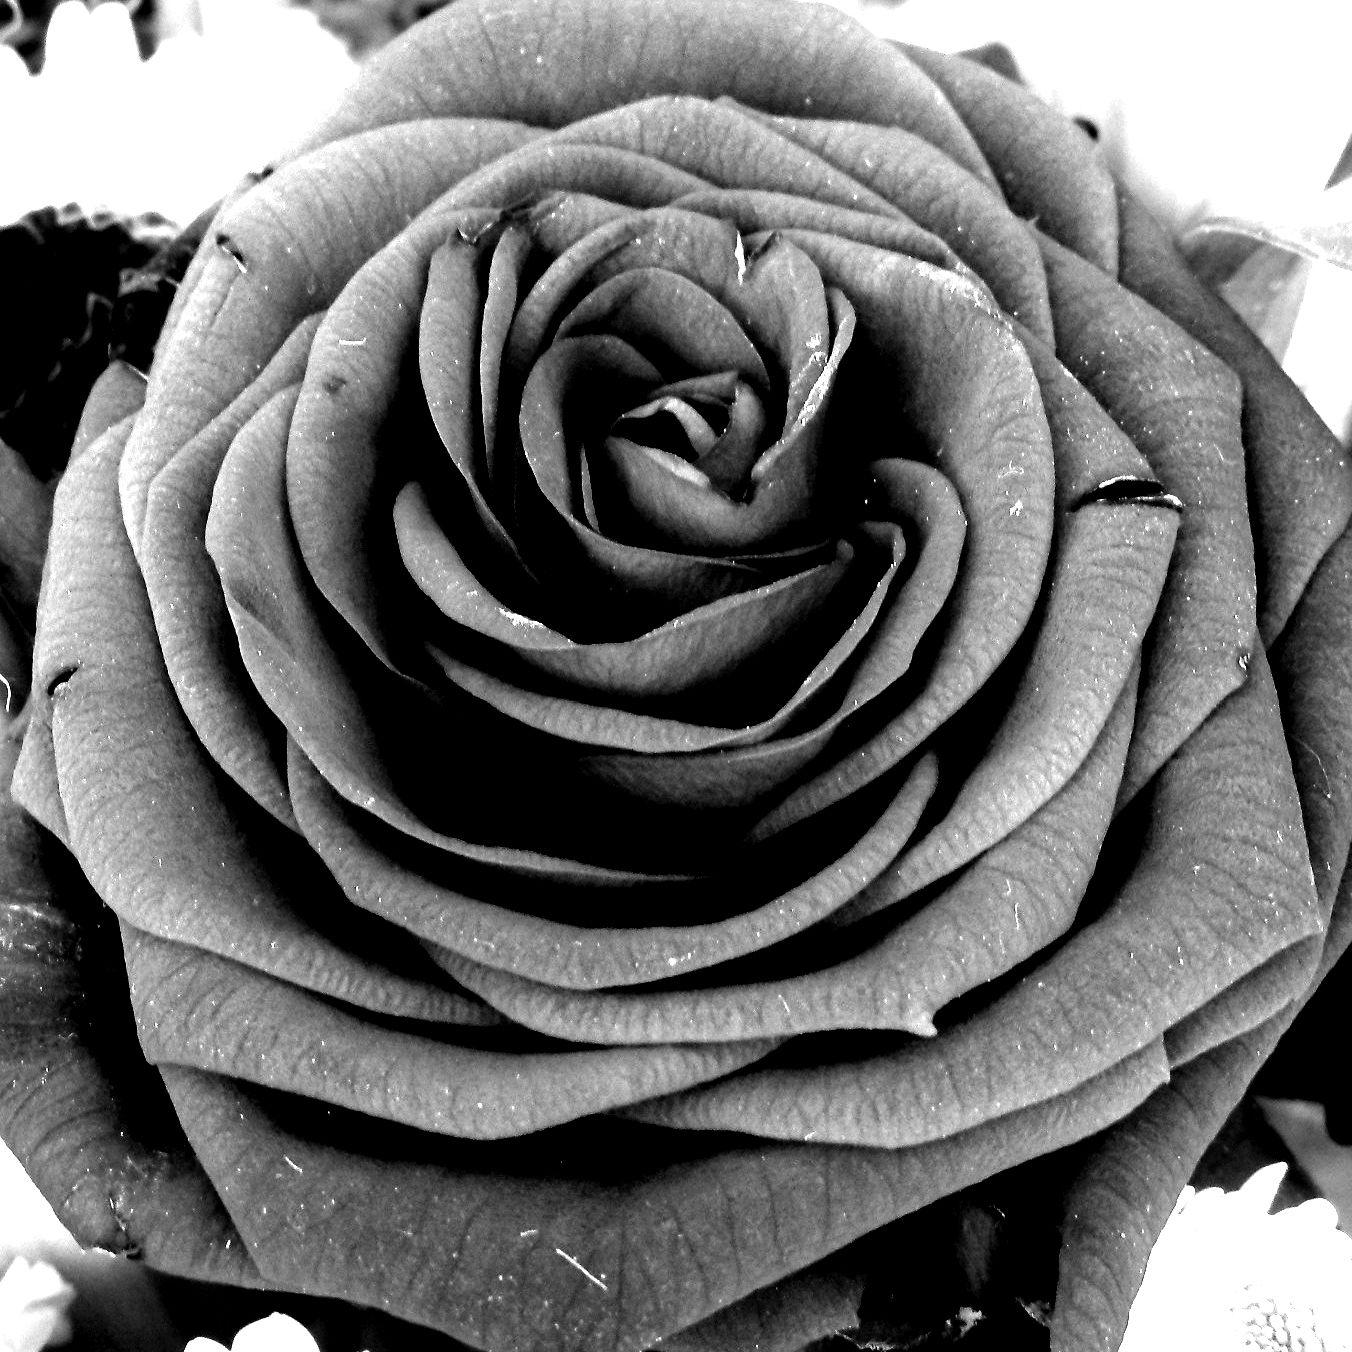 rosa en escala de grises